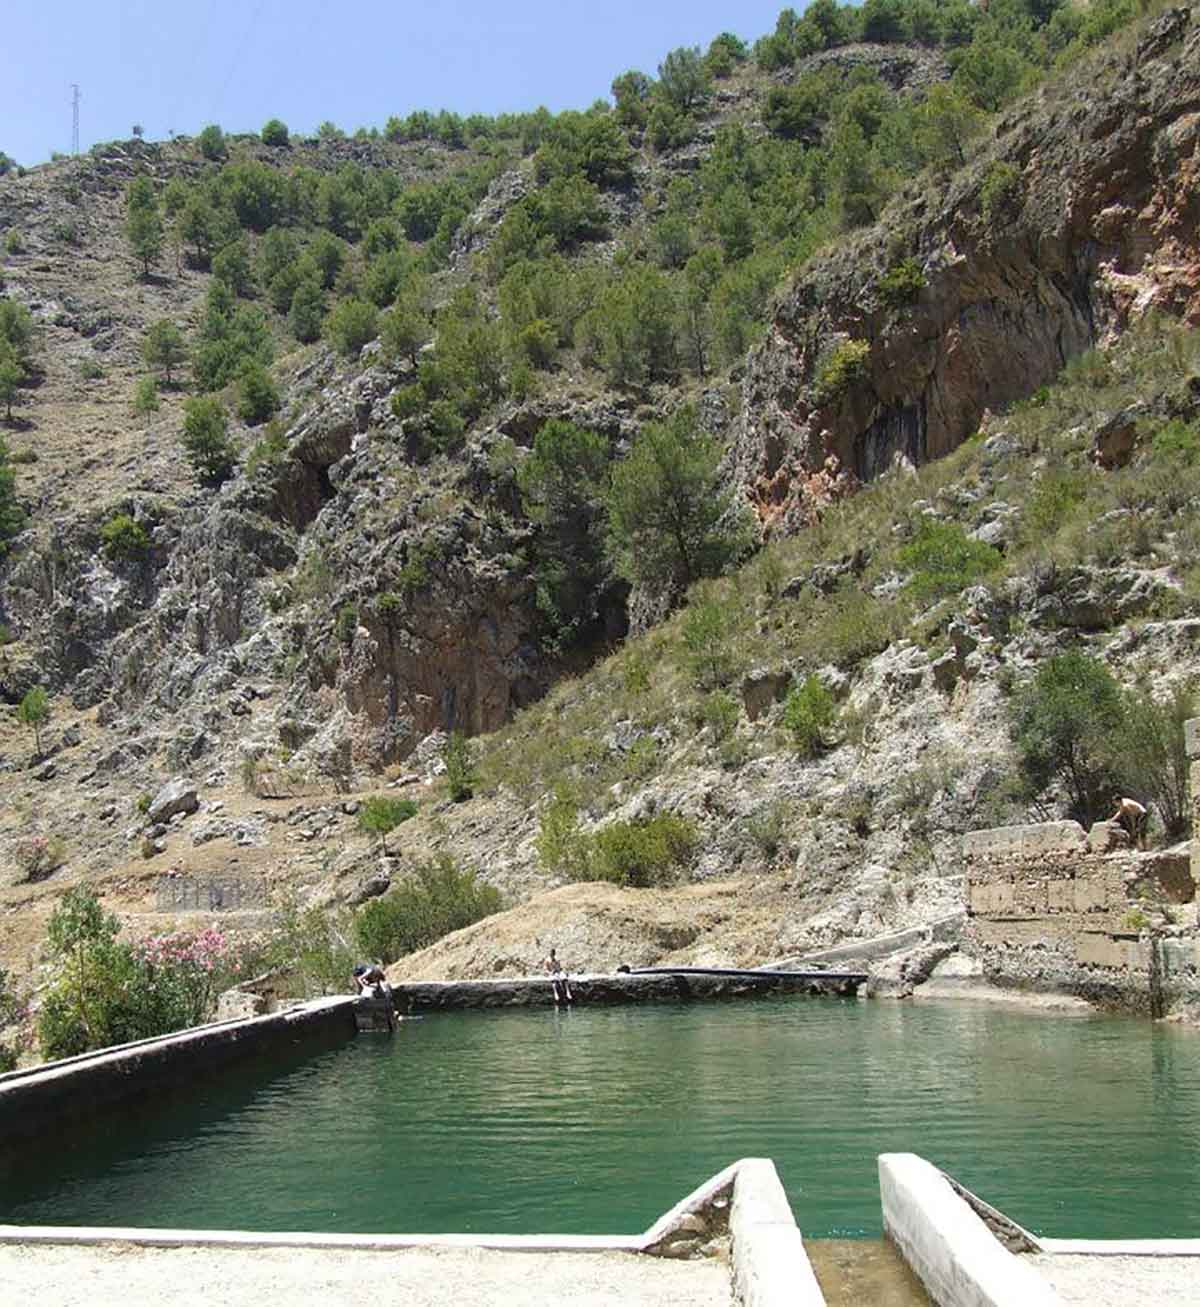 Rio Higueron in Frigiliana